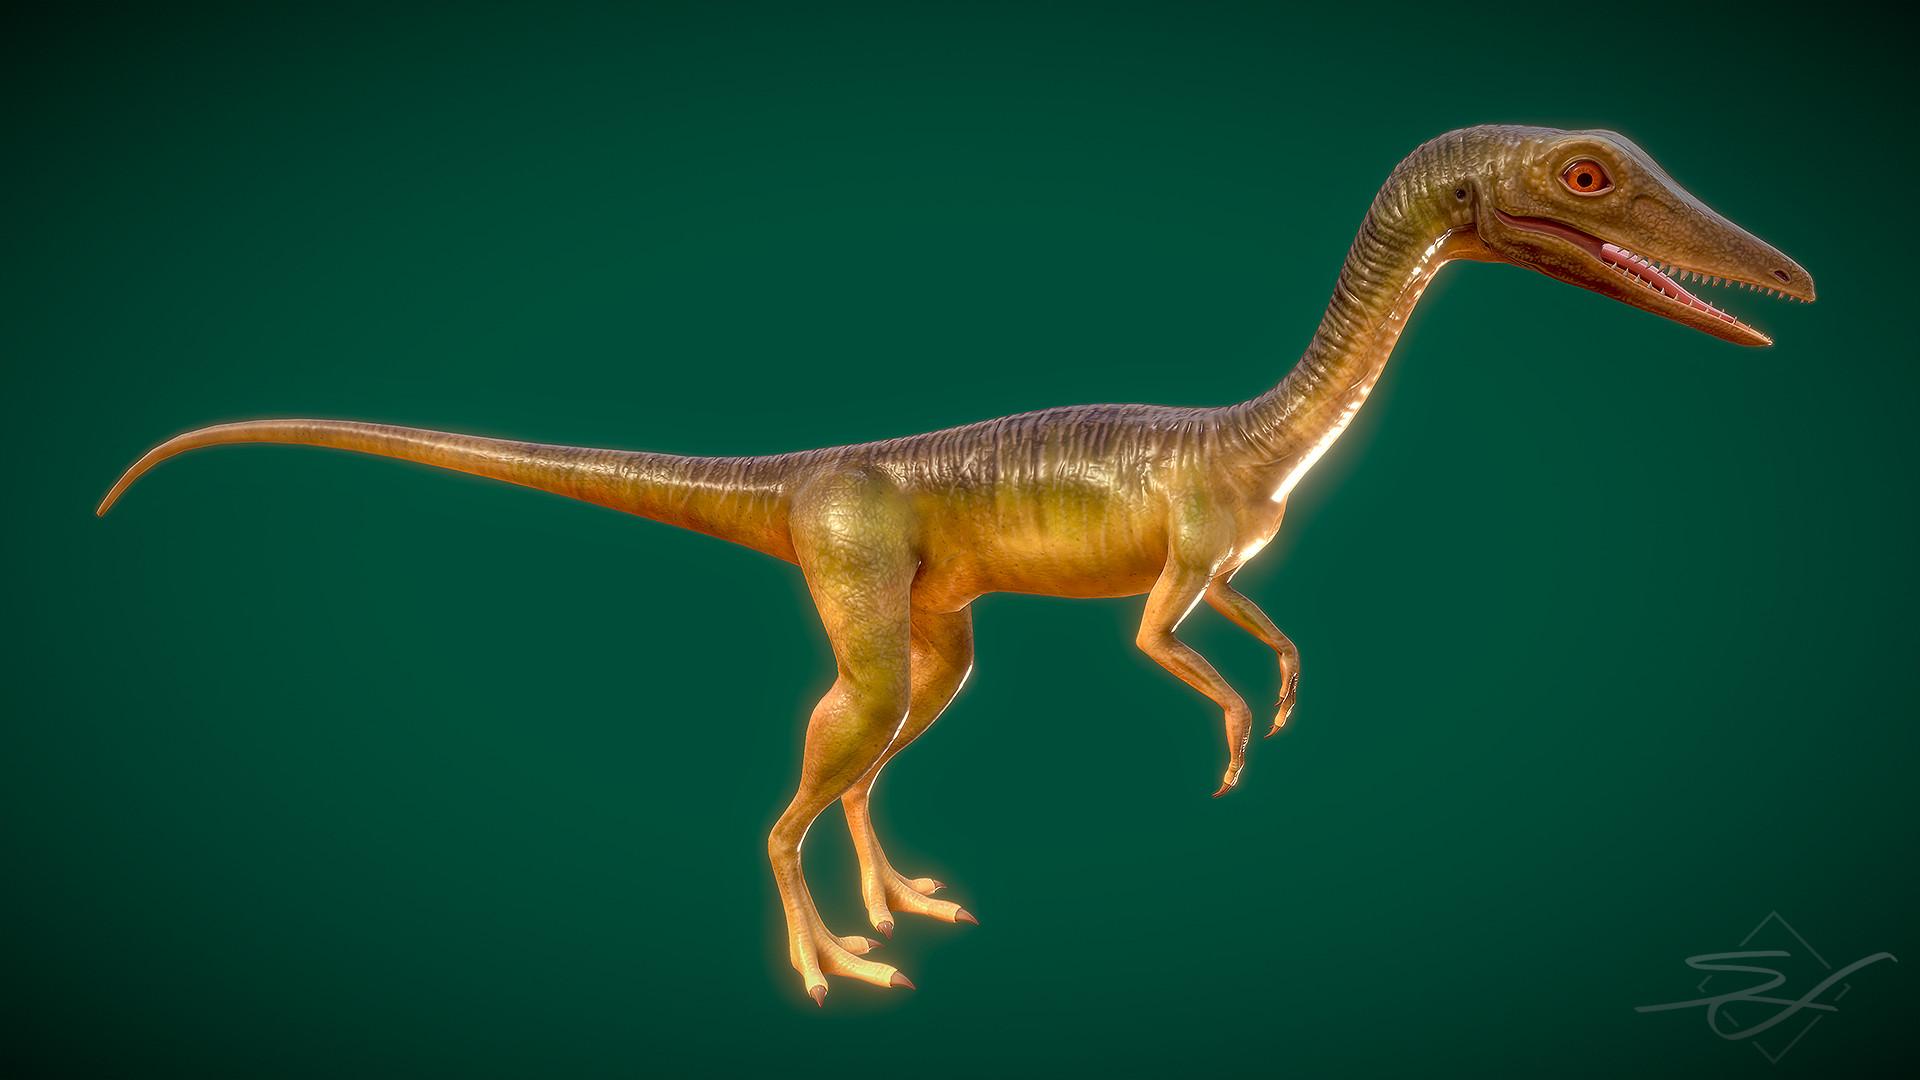 Sebastian irmer compsognathus render 05